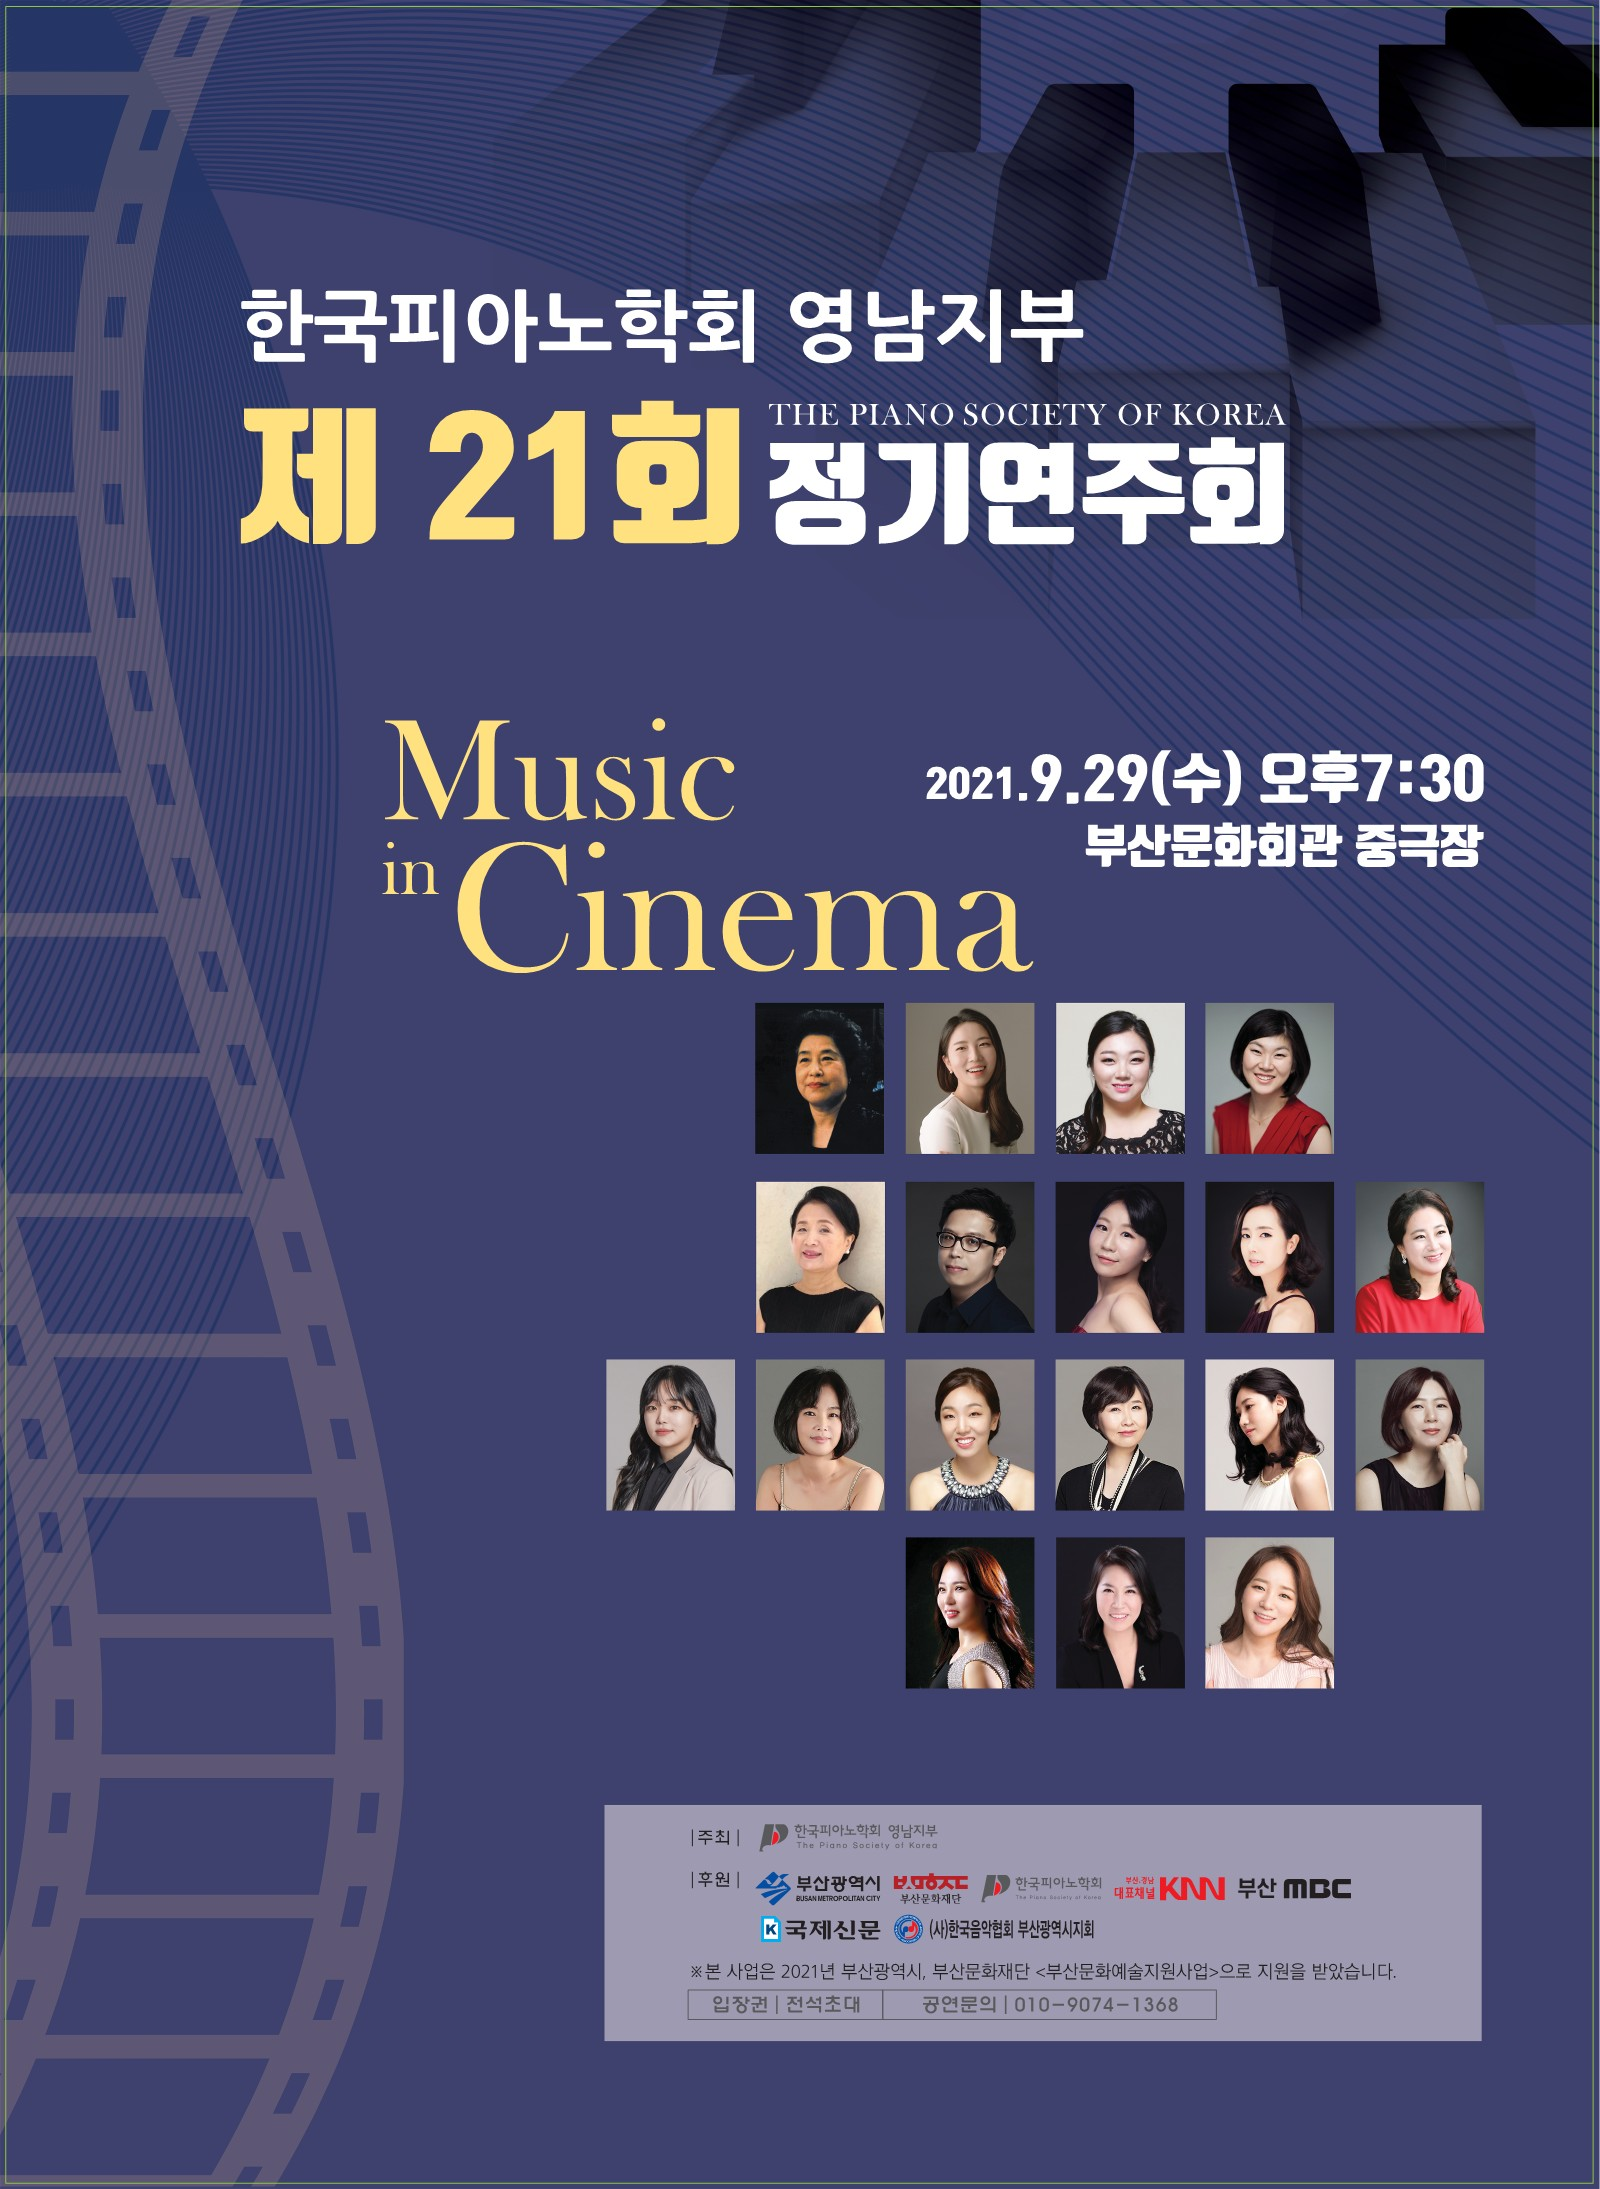 한국피아노학회 영남지부 제 21회 정기연주회